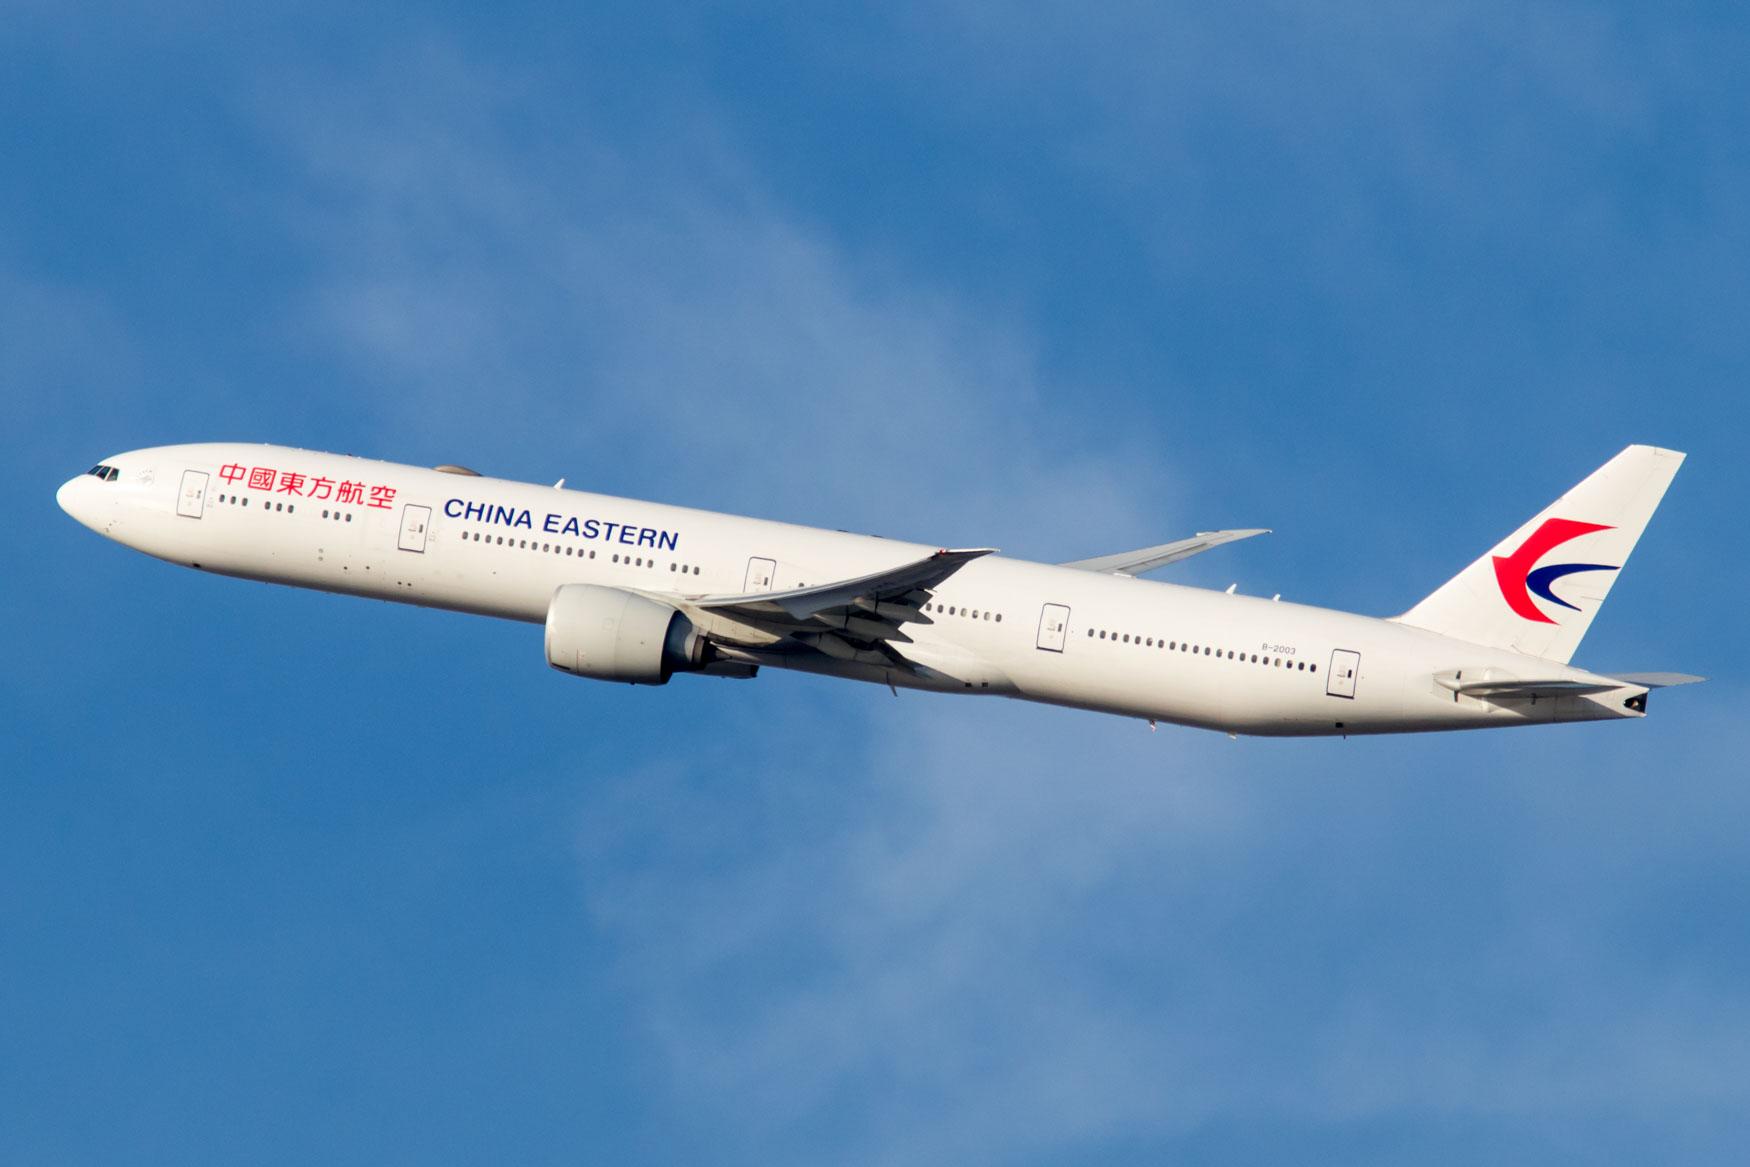 China Eastern 777-300ER Departing JFK